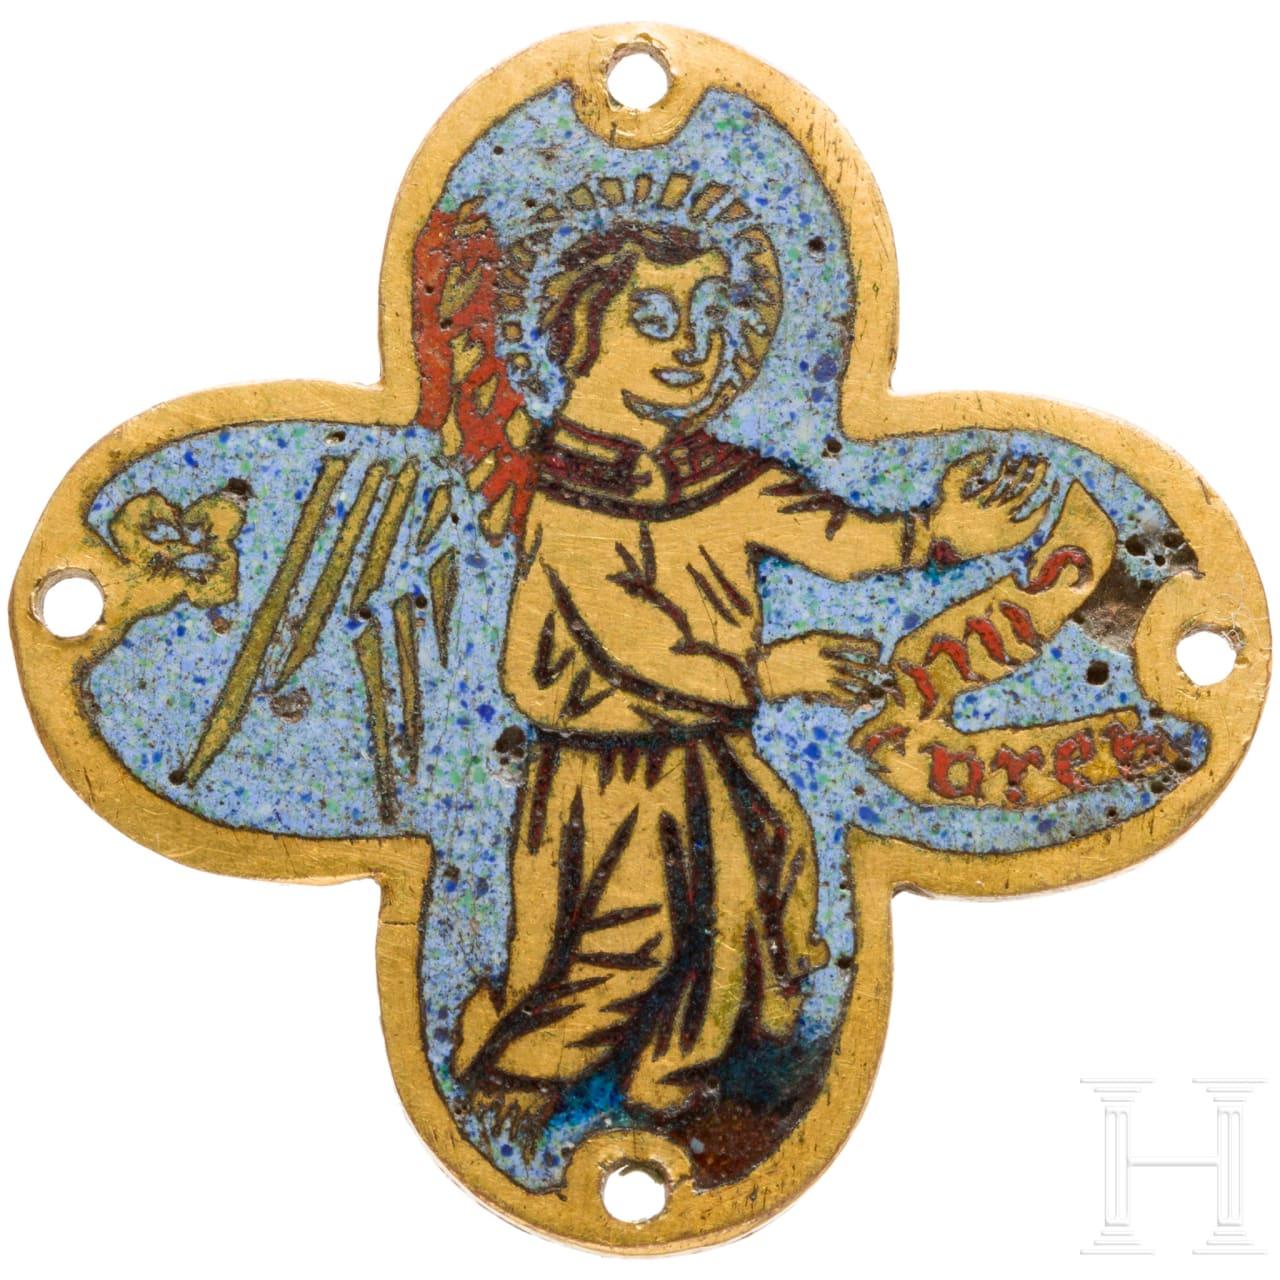 Frühe Plakette in Kreuzform mit Engel, Limoges oder Italien, 15. Jhdt.